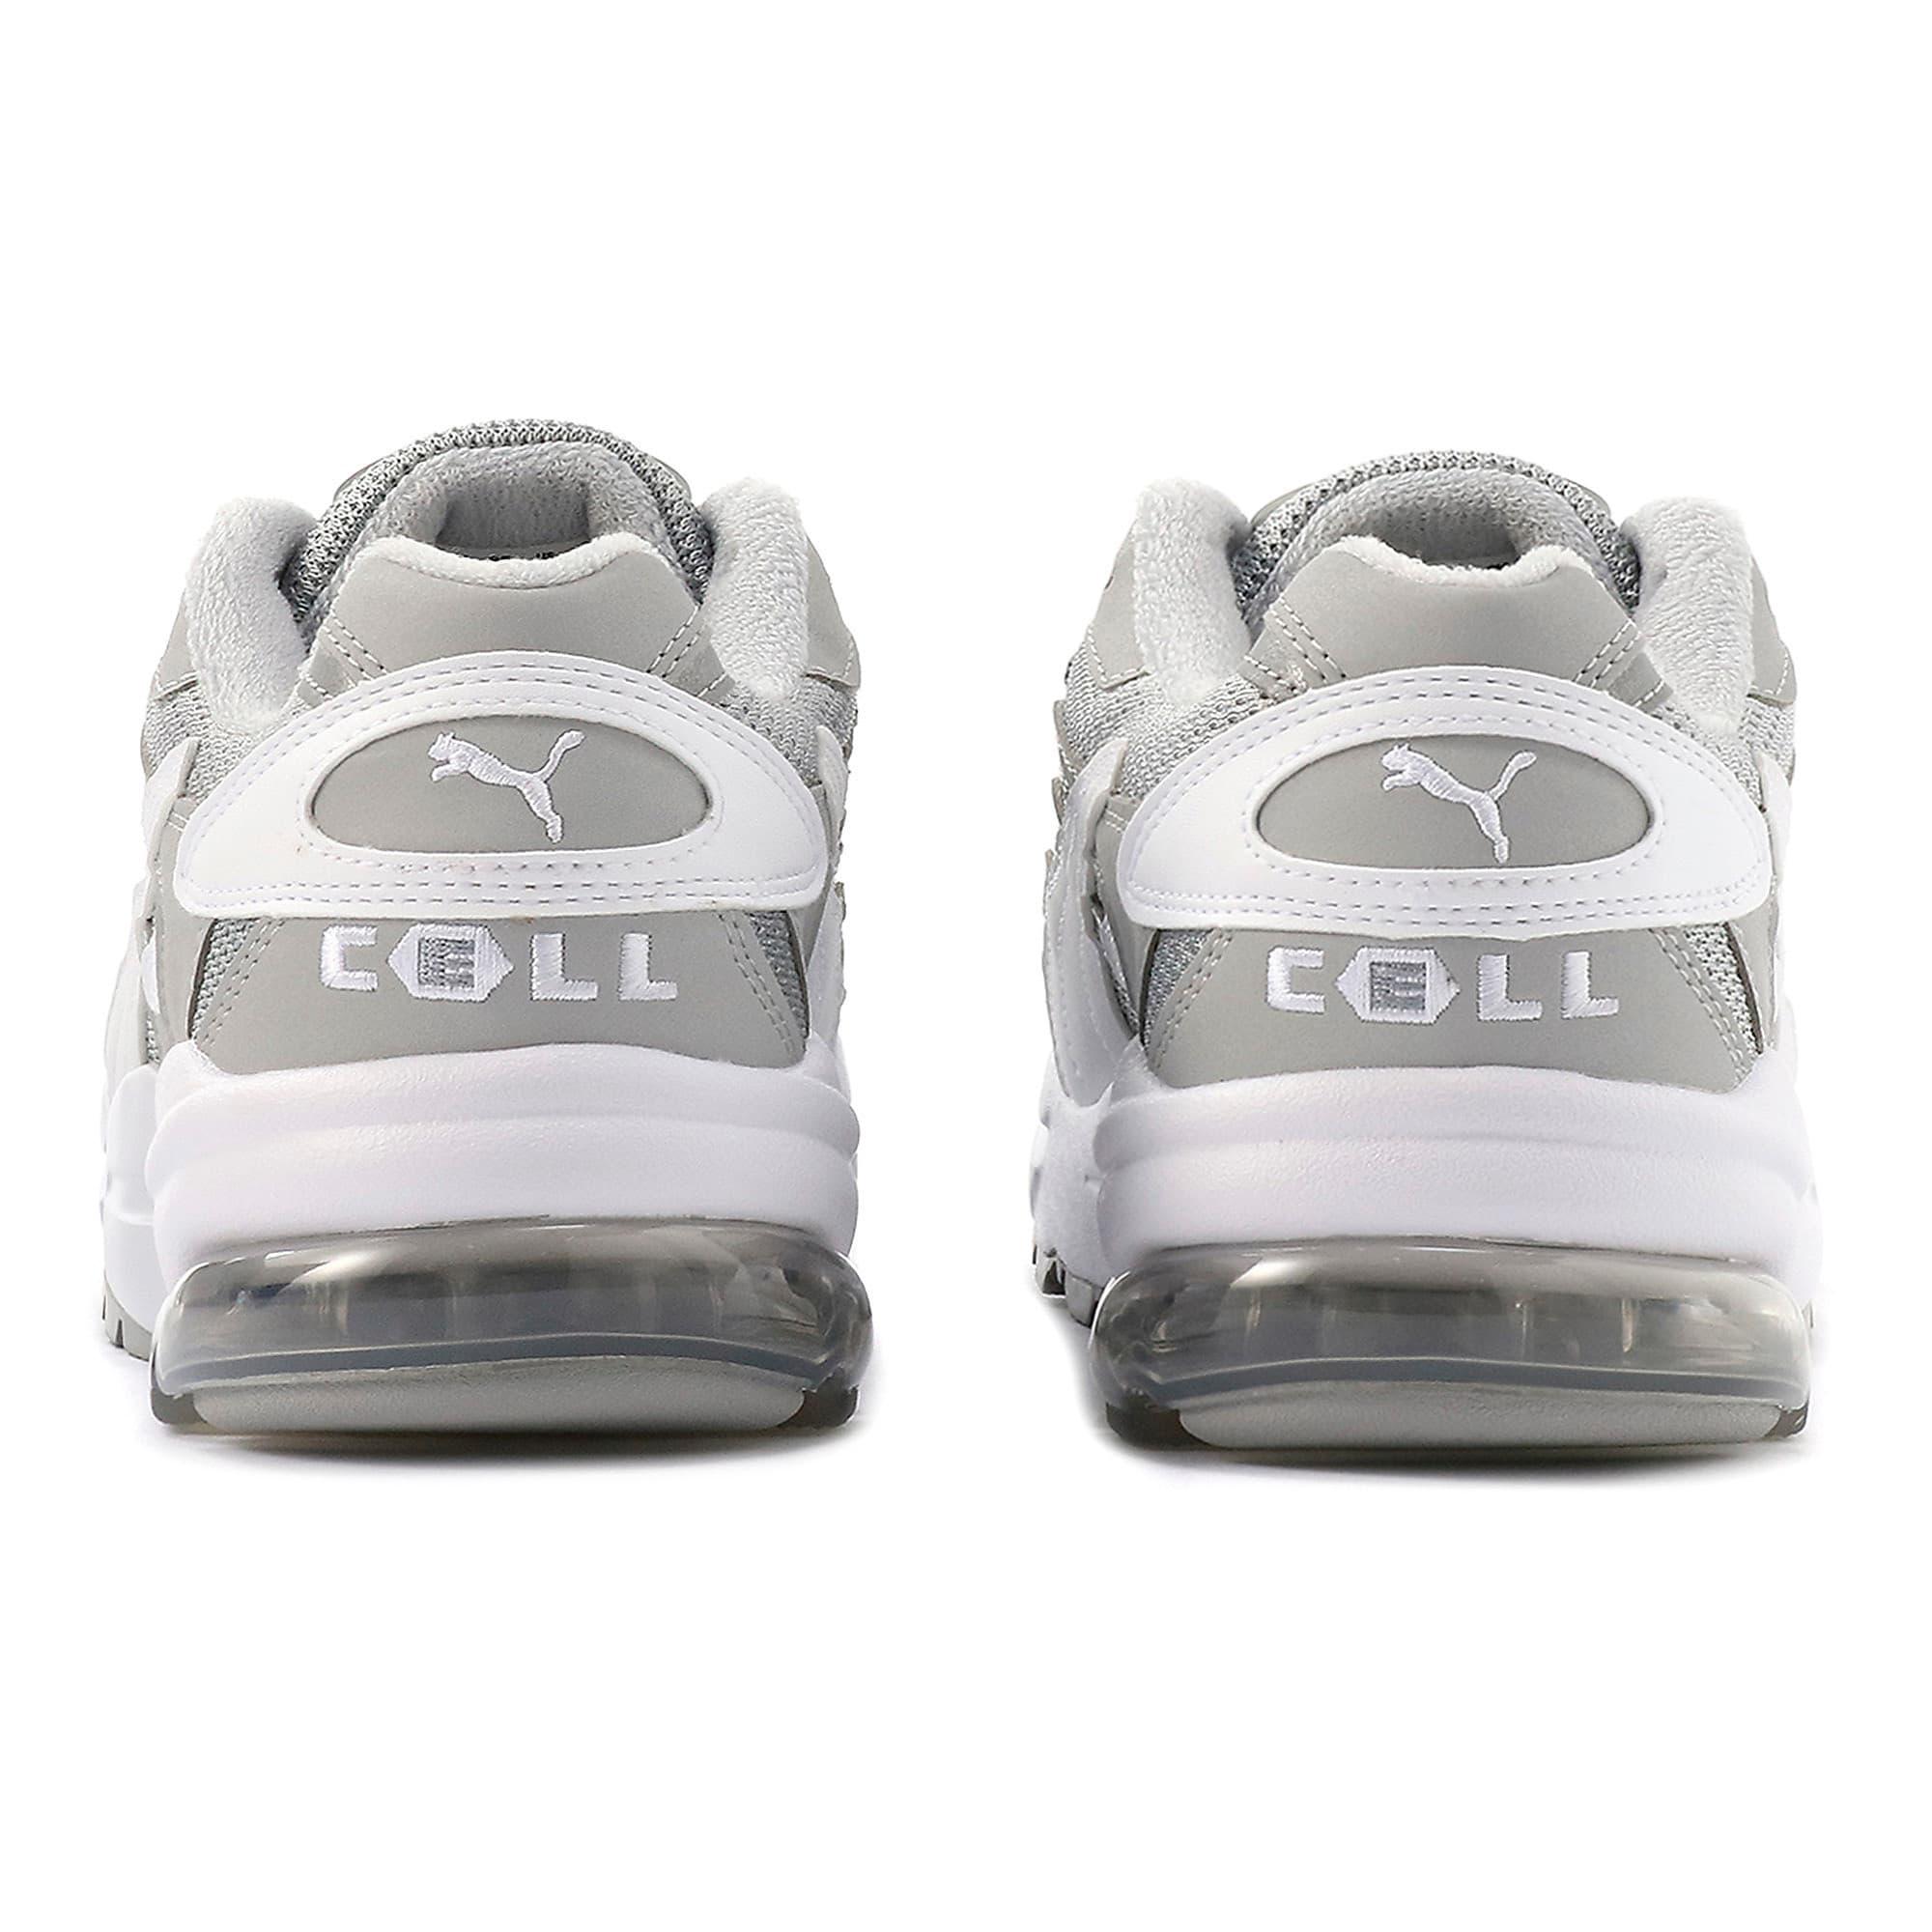 Thumbnail 3 of CELL Alien OG Sneakers, High Rise-Puma White, medium